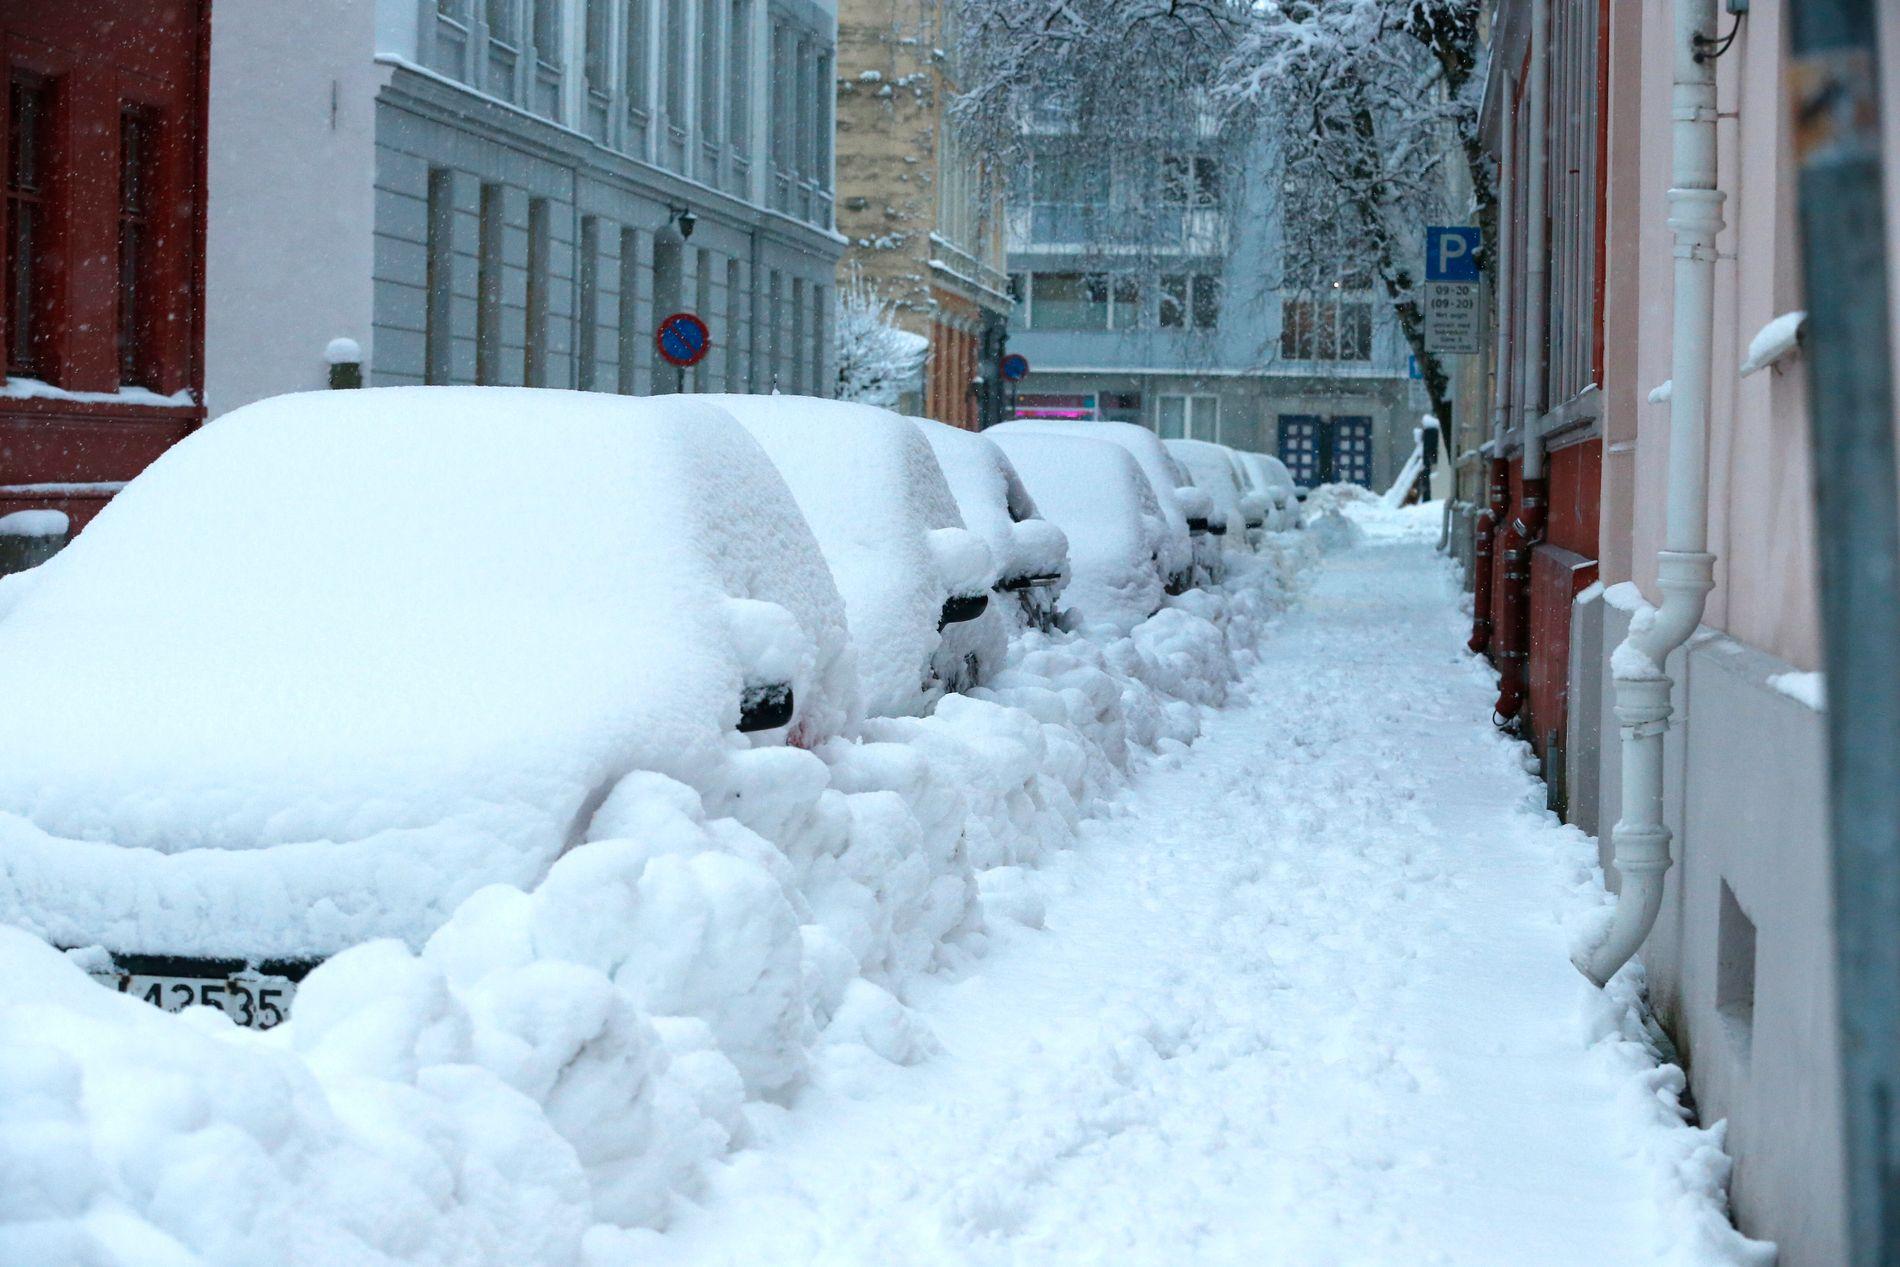 KALDT: Kombinasjonen av nedbør og lang kuldeperiode gjør at snøen ikke vil forsvinne med det første.